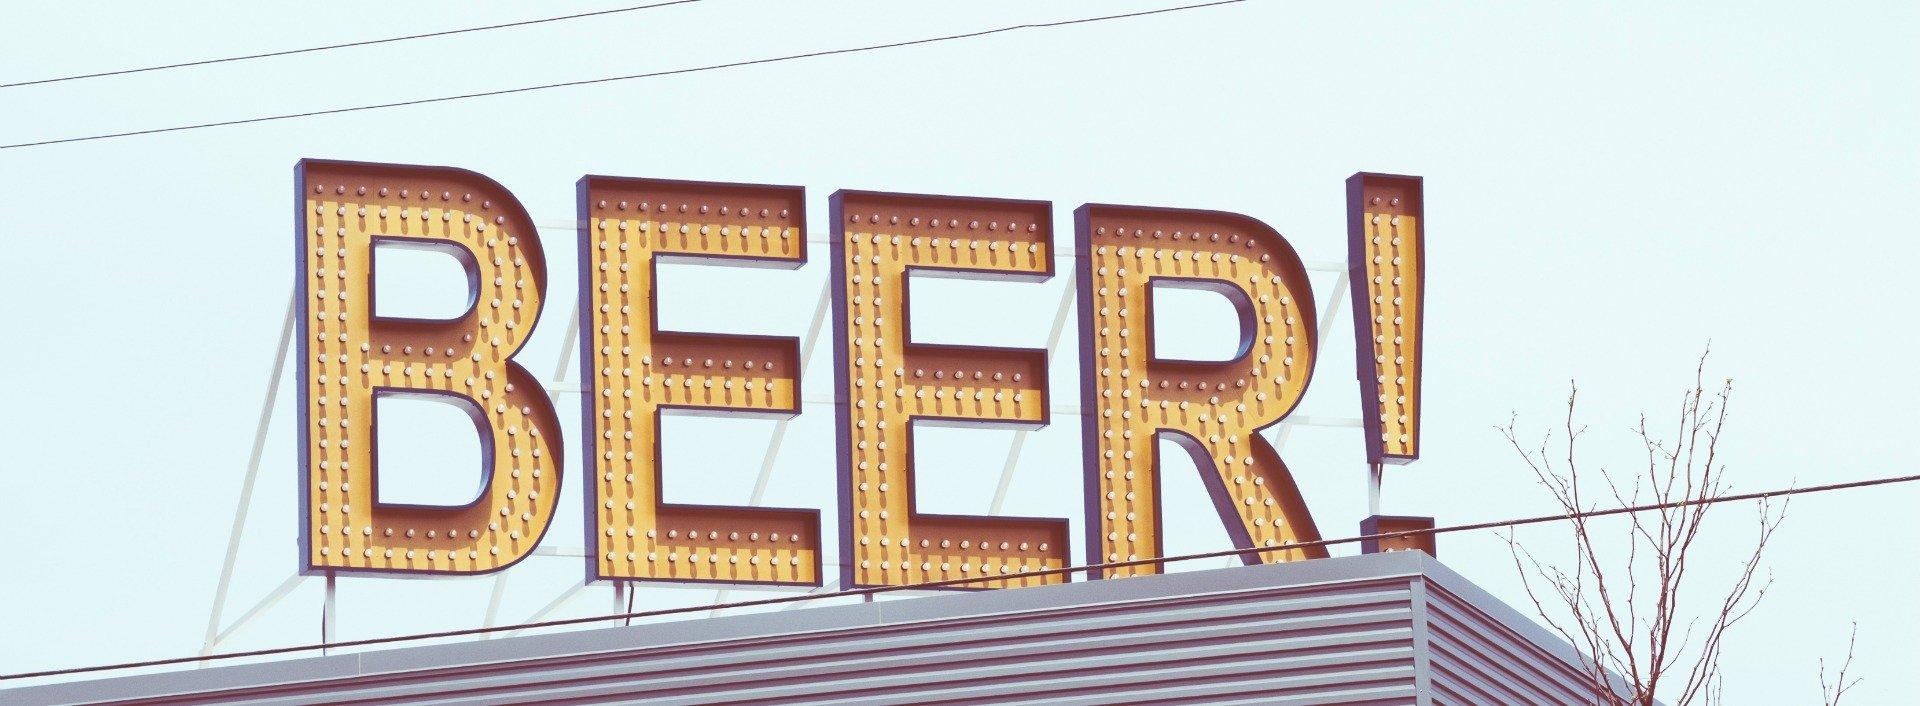 Neon-BIER-Zeichen - ein Trinkabend wird viele Synonyme für Betrunkensein brauchen!